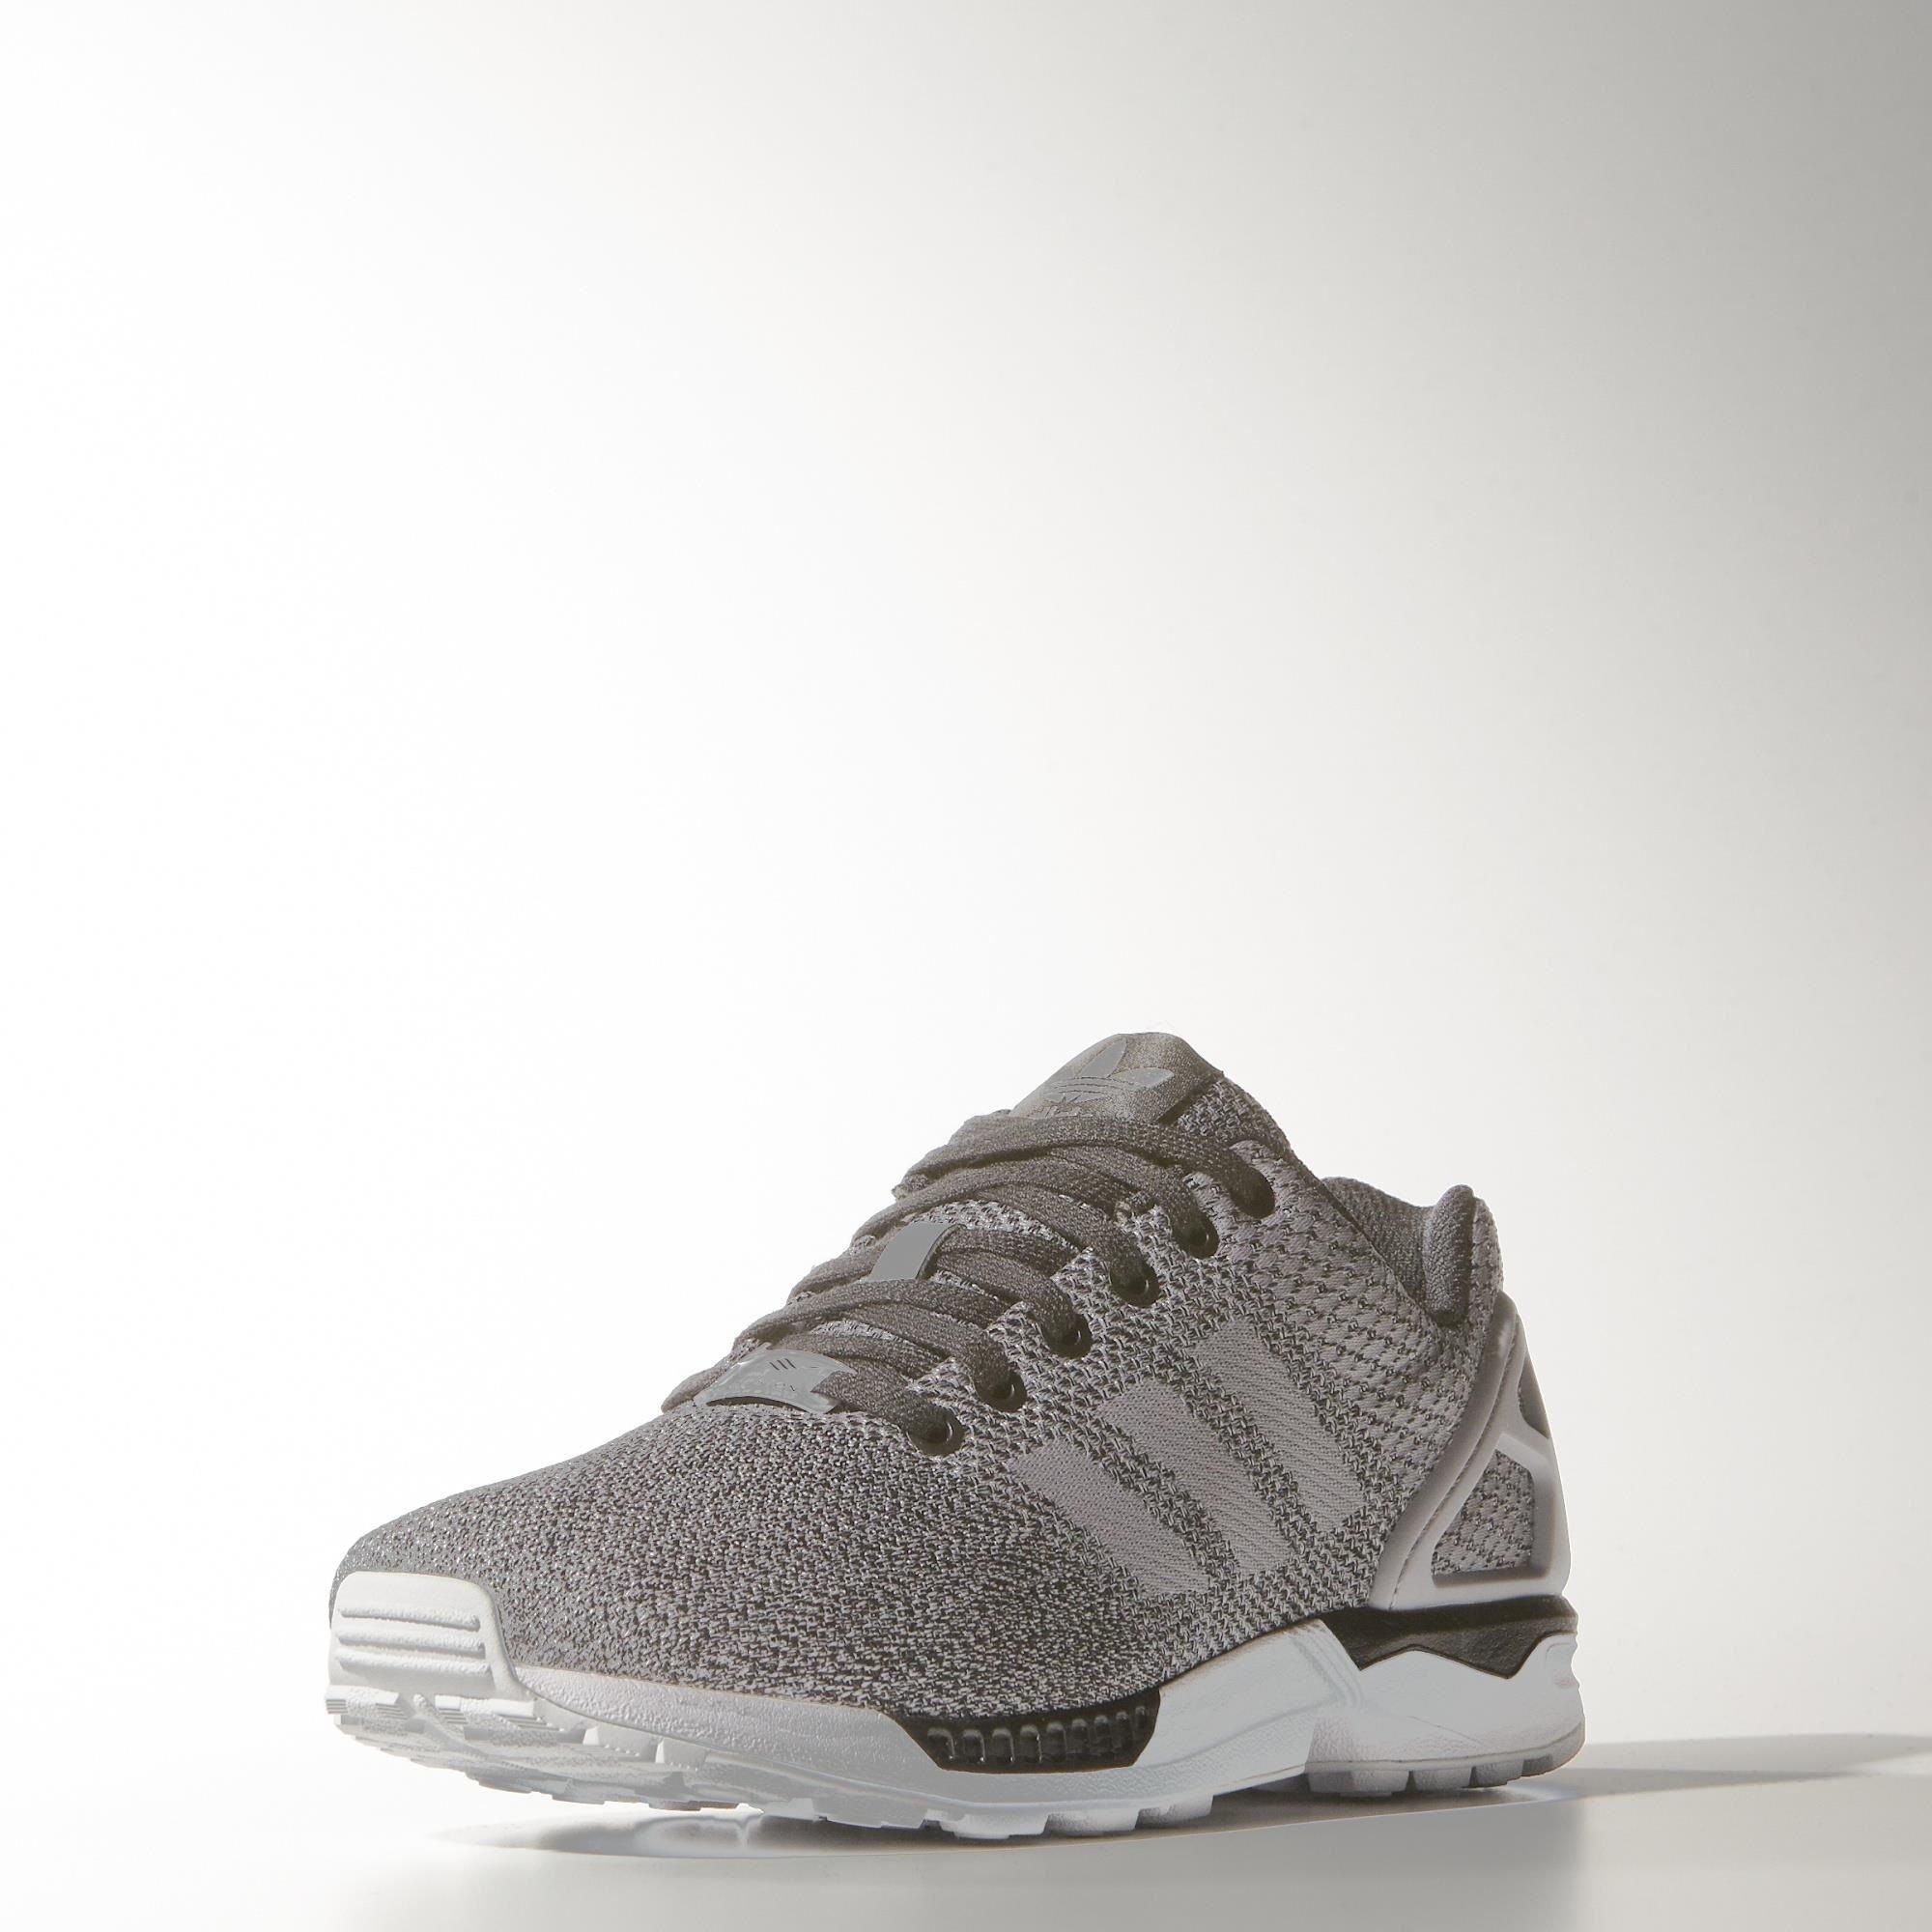 7b01853bf Galleon - Adidas Originals ZX 8000 Flux Weave M29093 Black Onix White  Torsion Men s Shoes